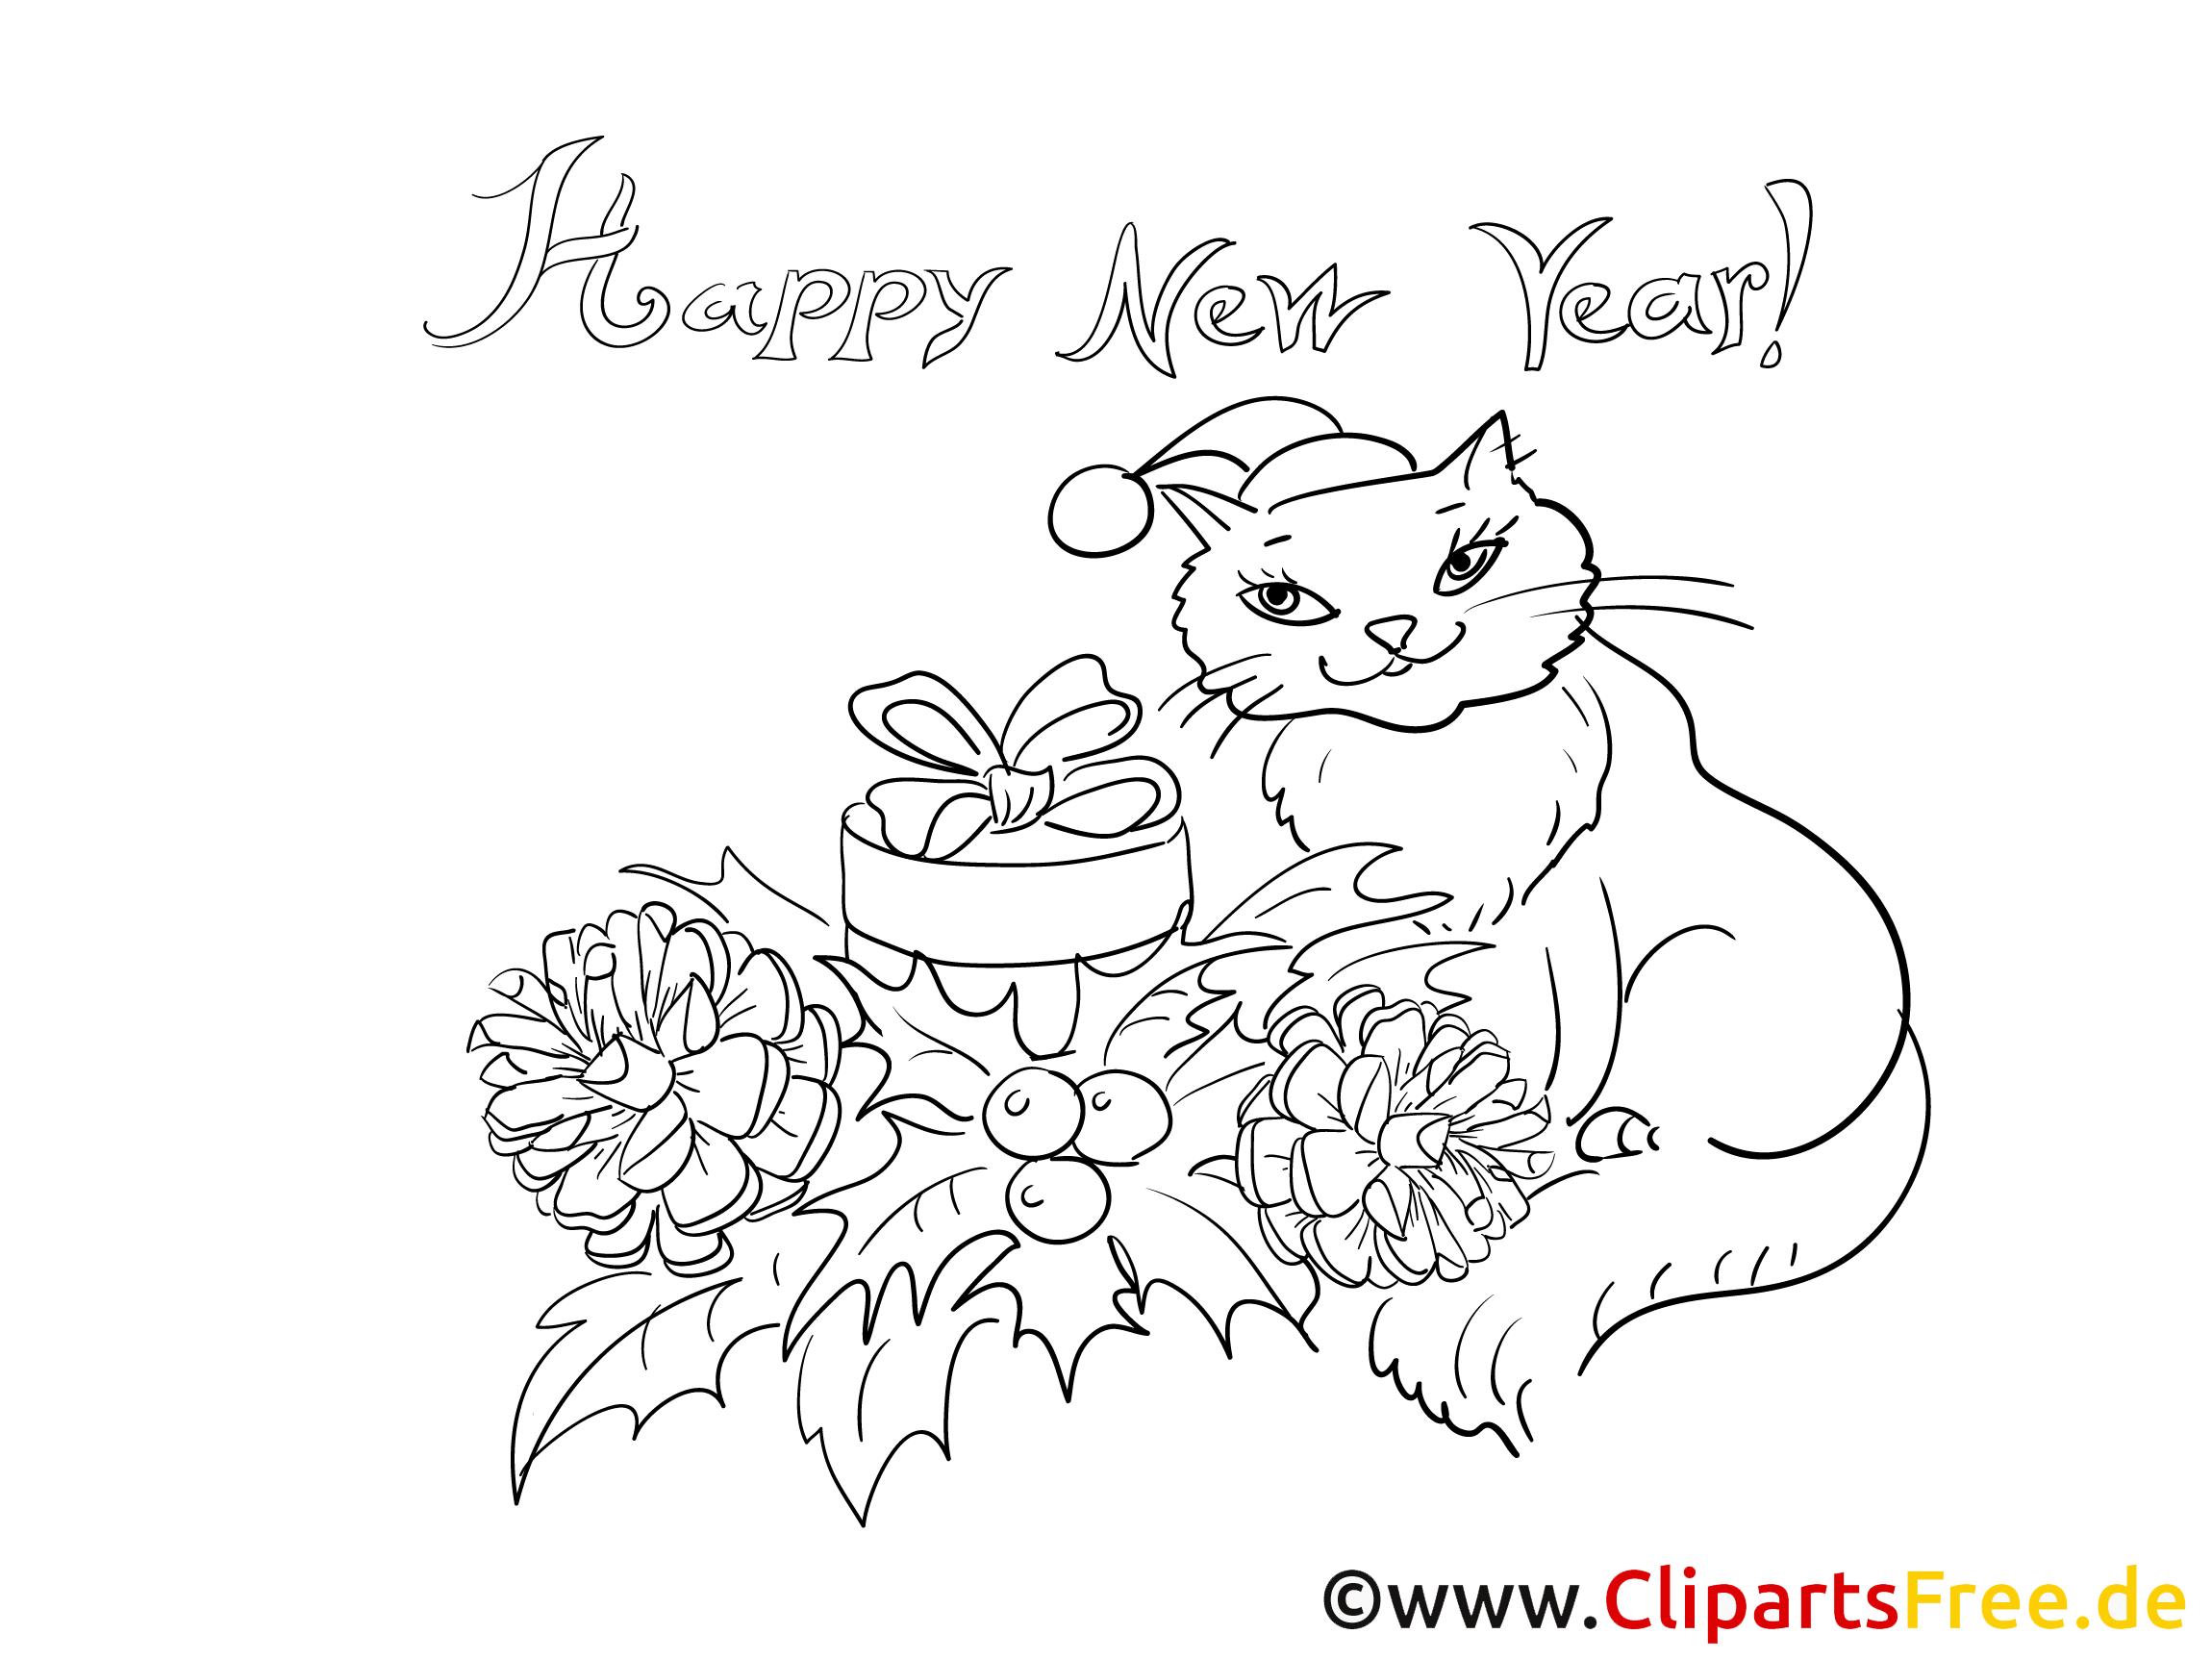 malvorlagen neujahr gratis  kostenlose malvorlagen ideen